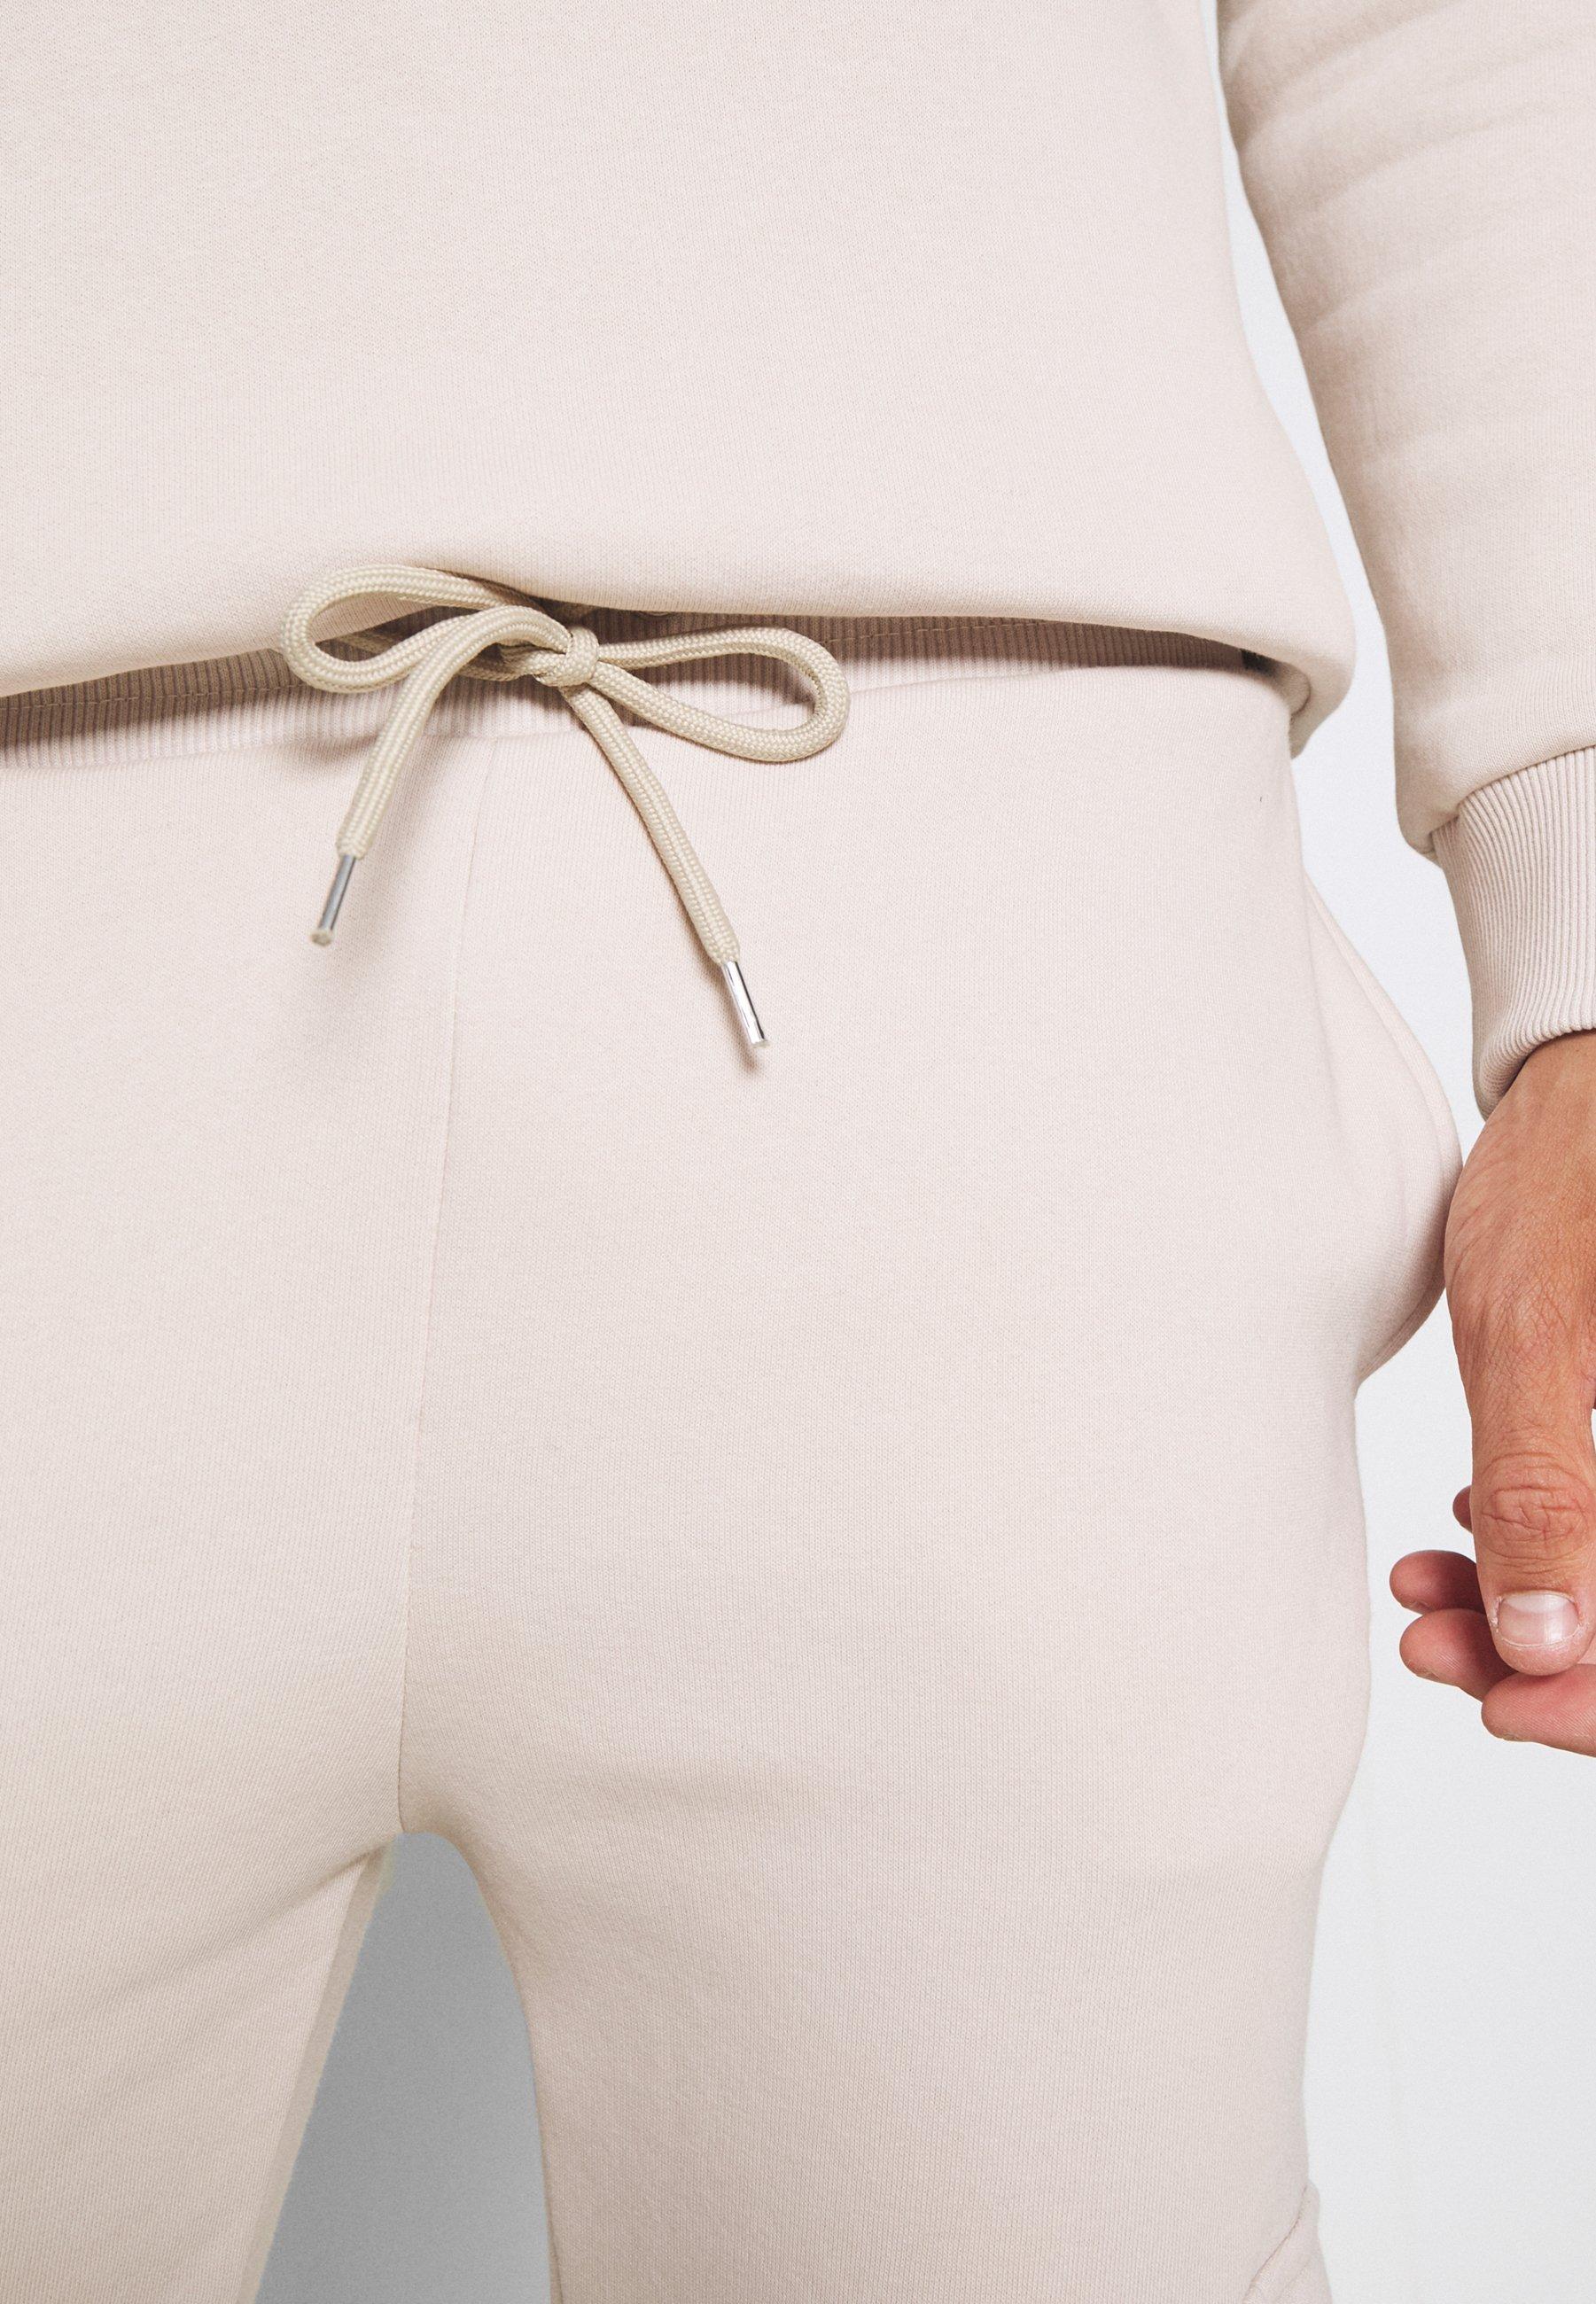 Homme SCRIPT LONDON UTILITY - Pantalon de survêtement